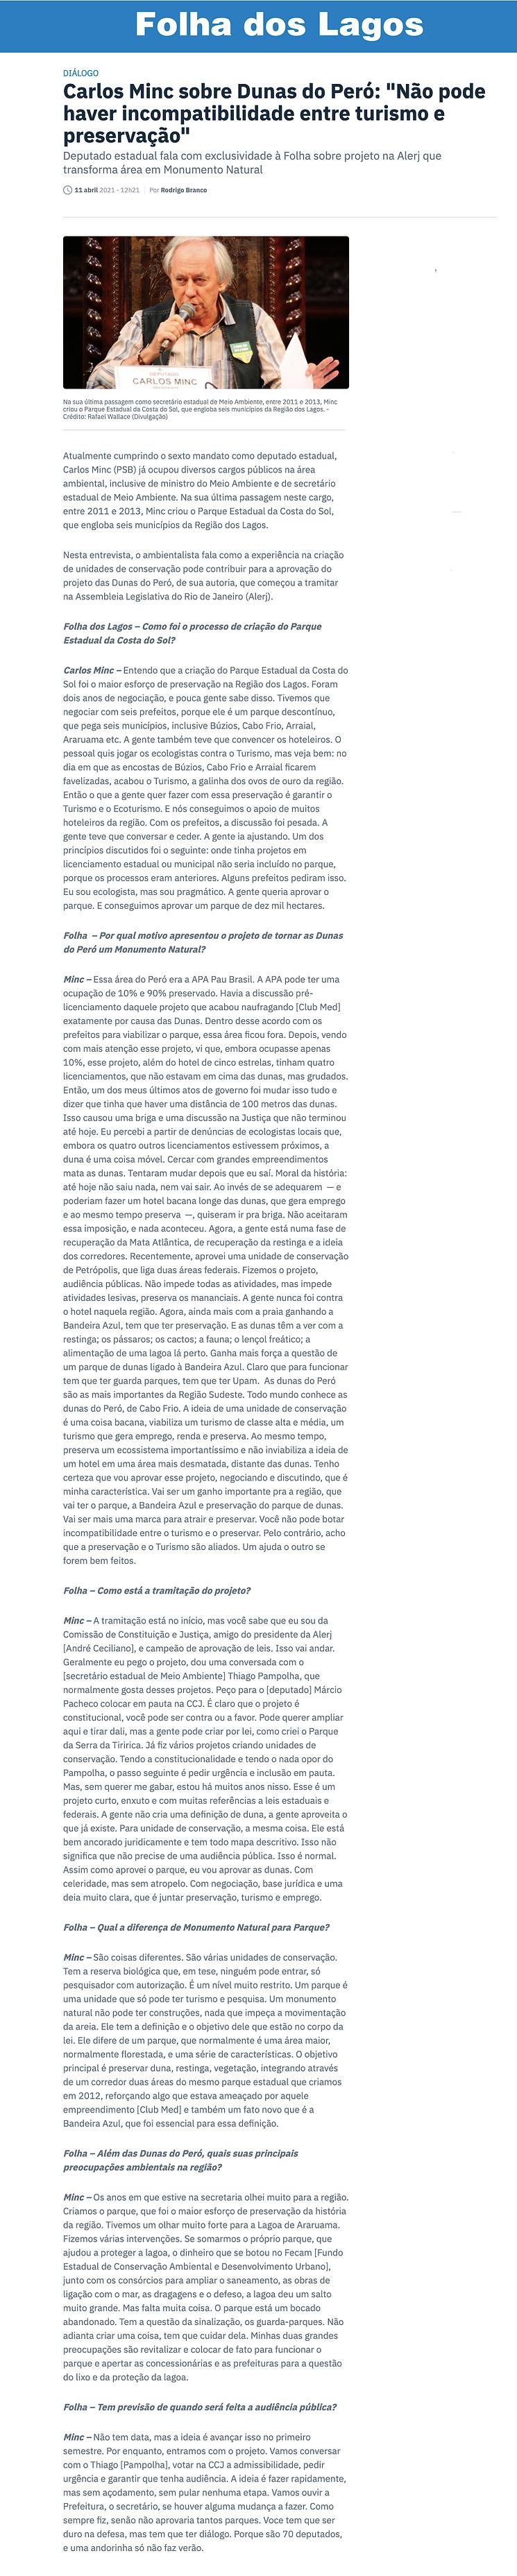 screenshot-www.folhadoslagos.com-2021.04